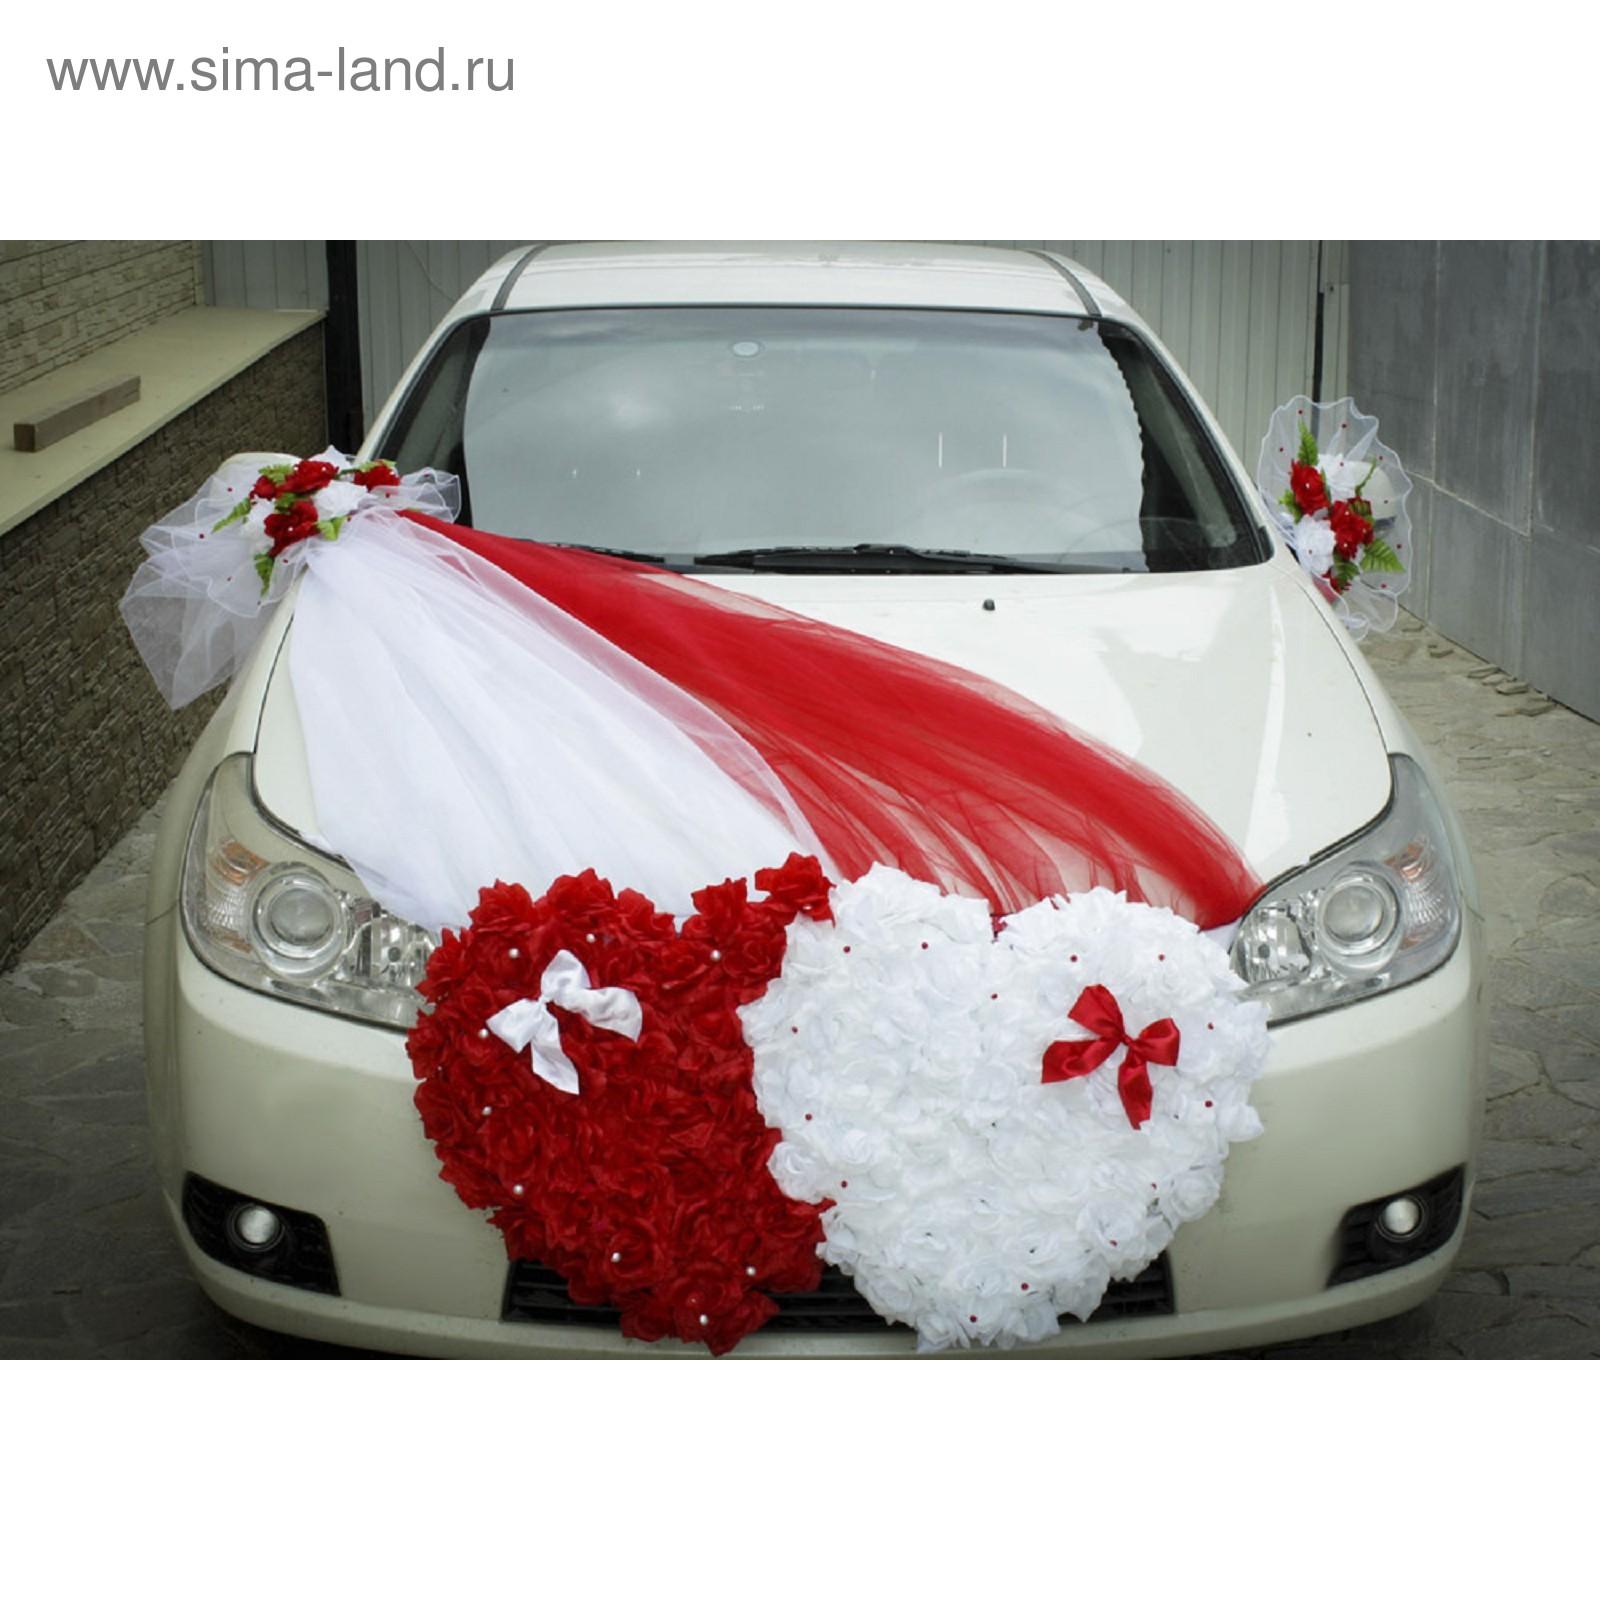 Как украсить авто на свадьбу своими руками фото 5